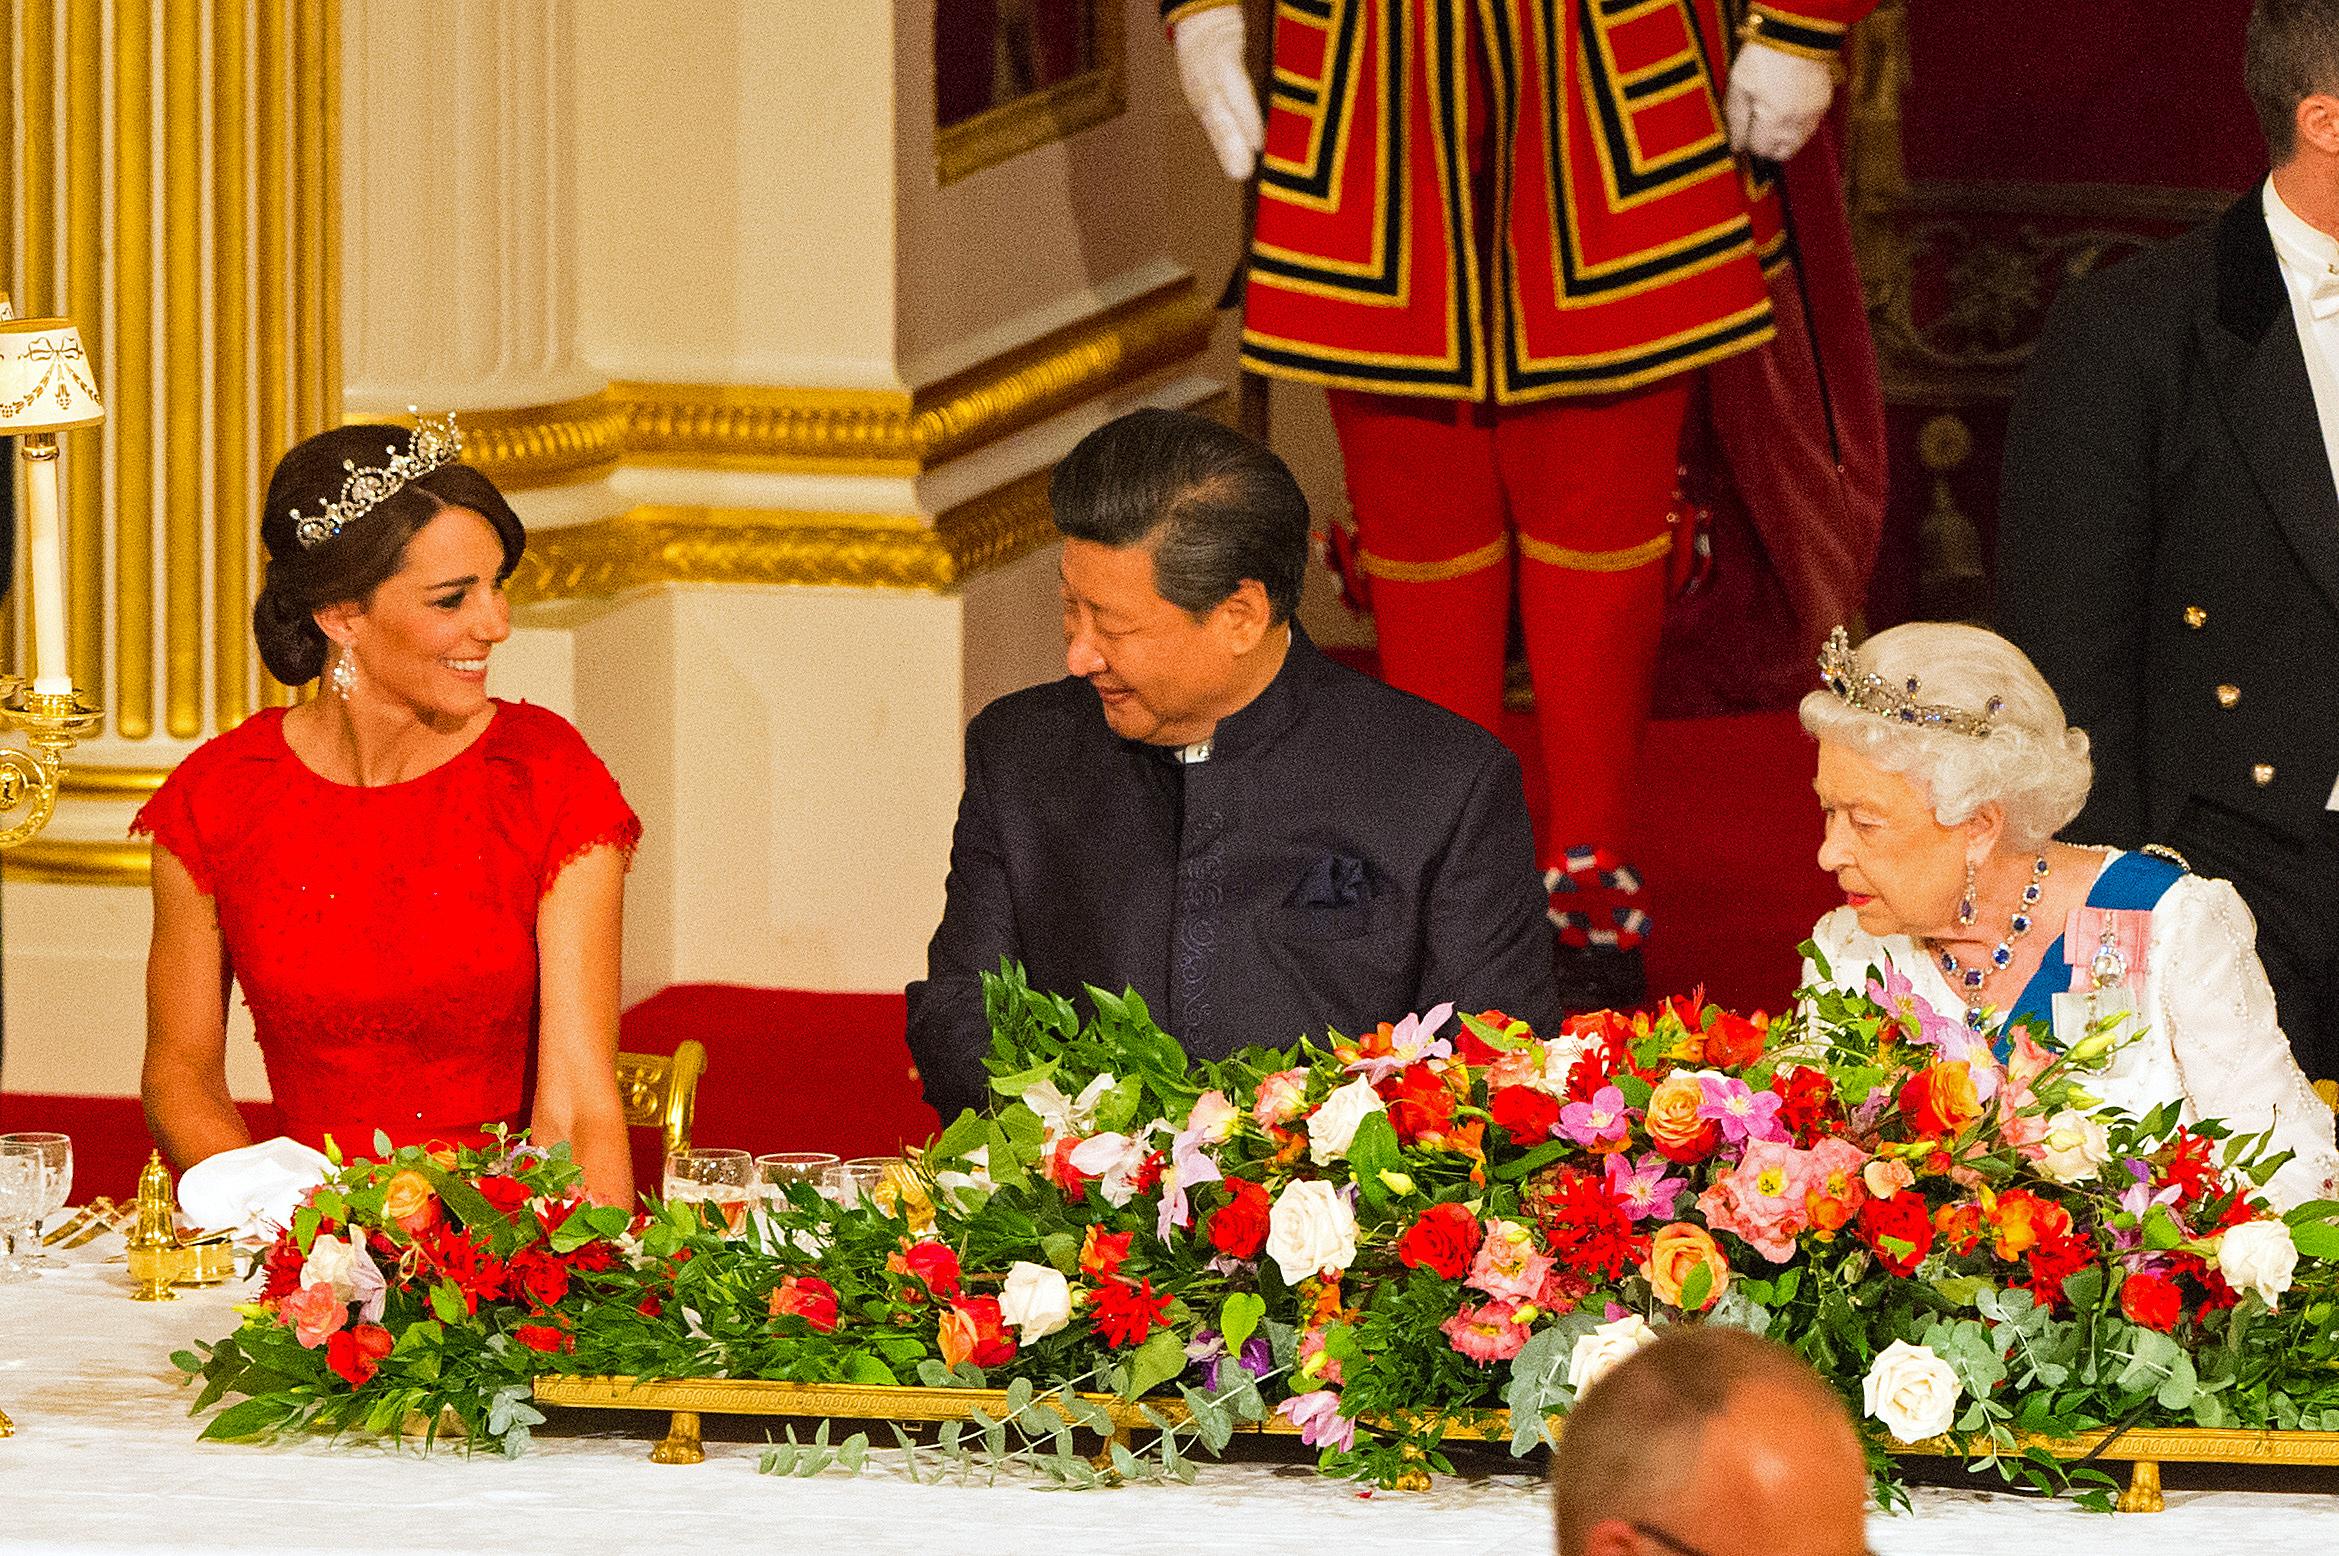 65 éve koronázták meg II. Erzsébetet